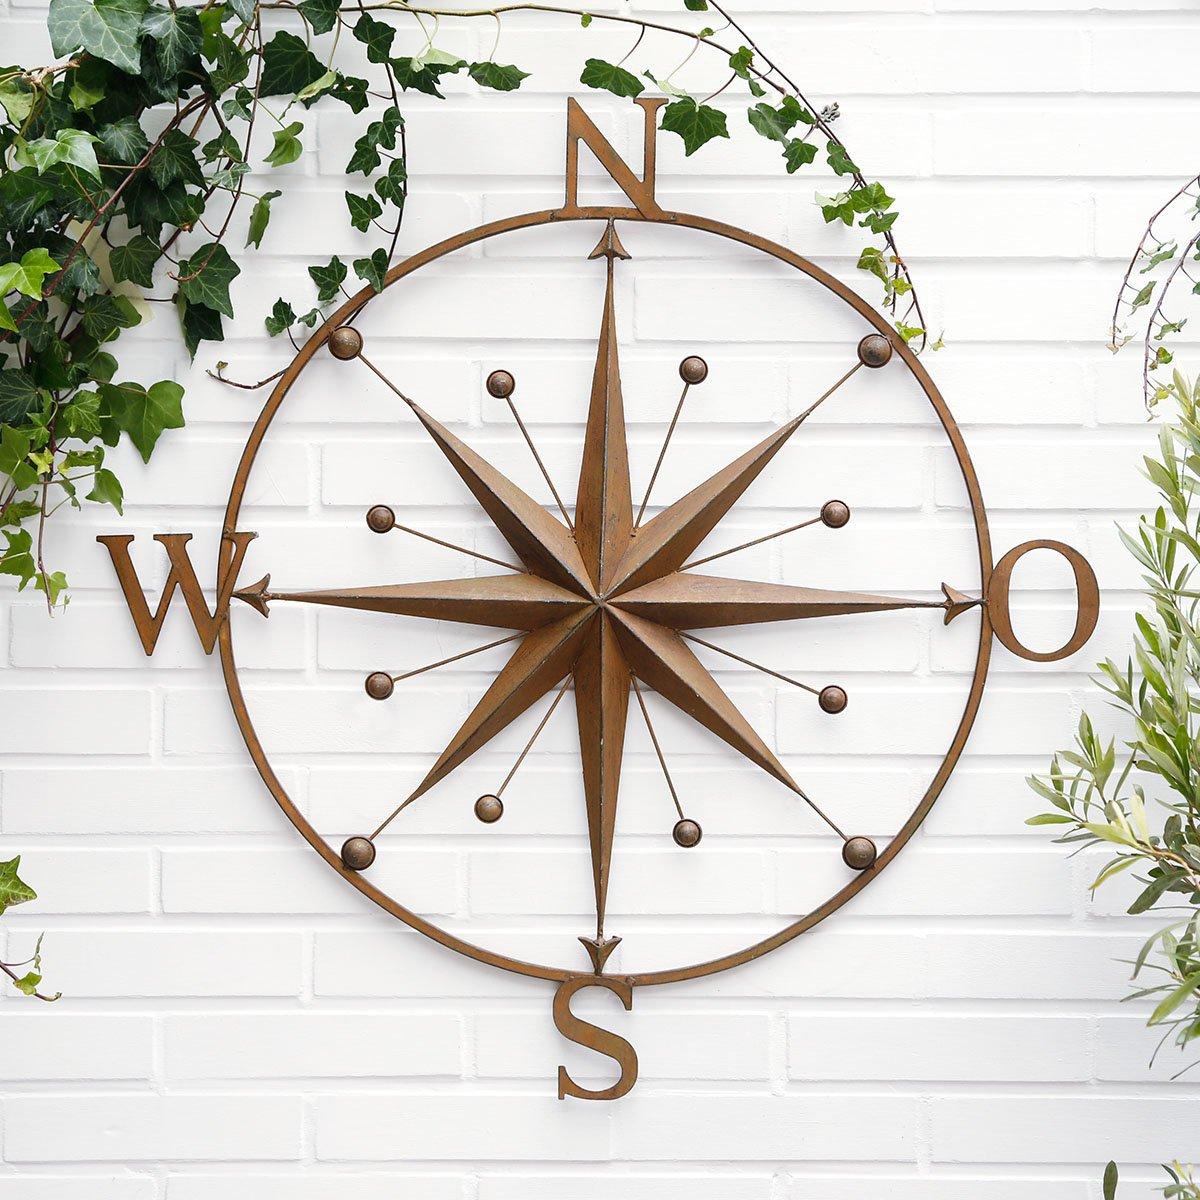 Gärtner Pötschke Wandbild Kompass